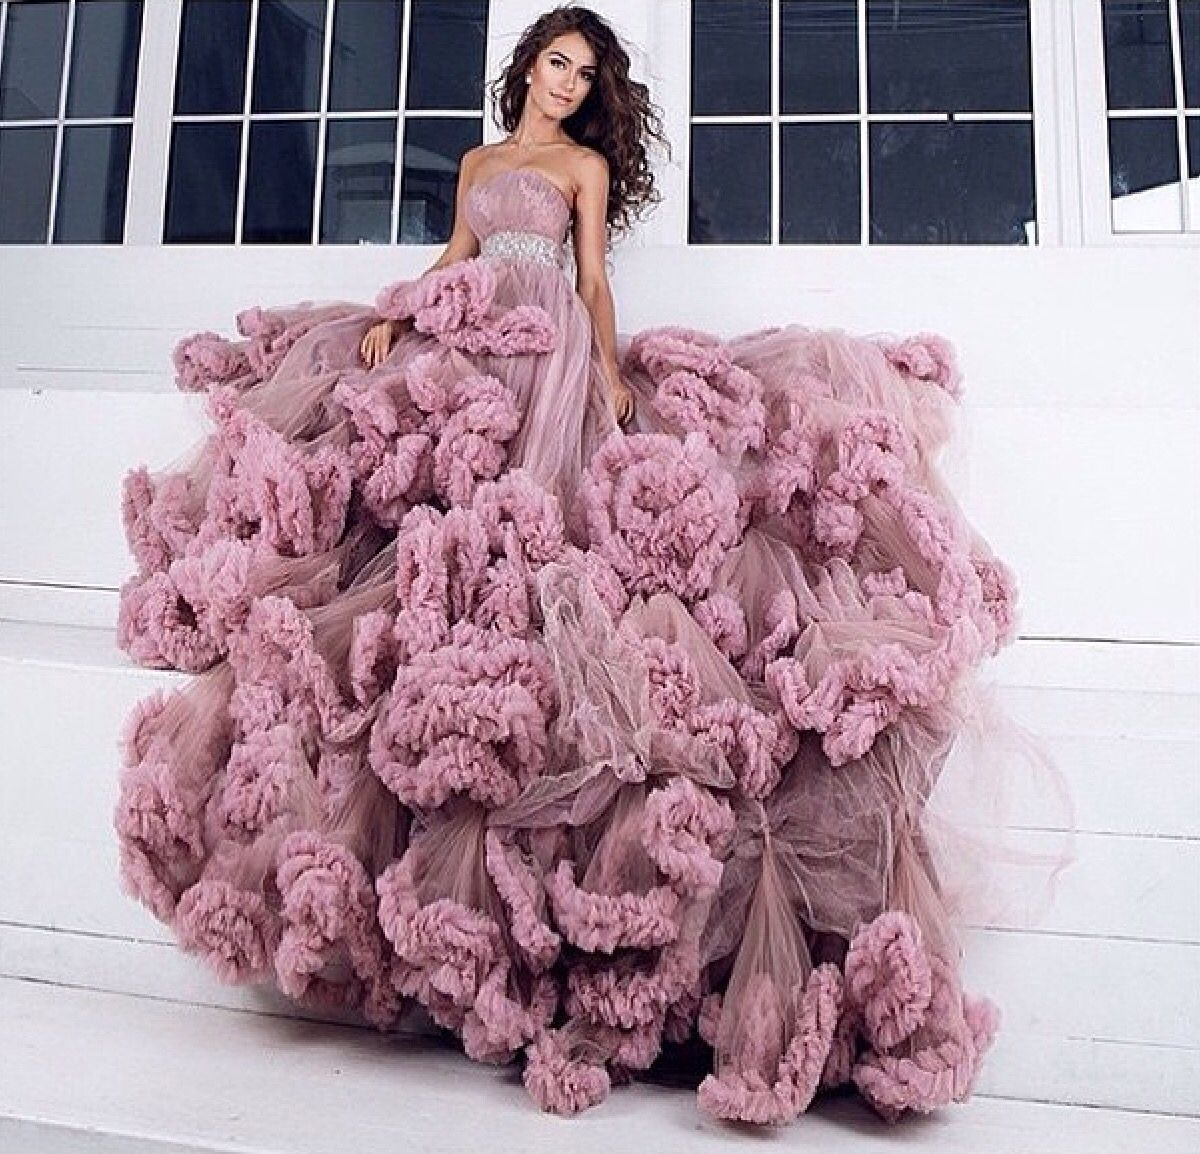 Pin de Darlene Smith en Amazing Gowns | Pinterest